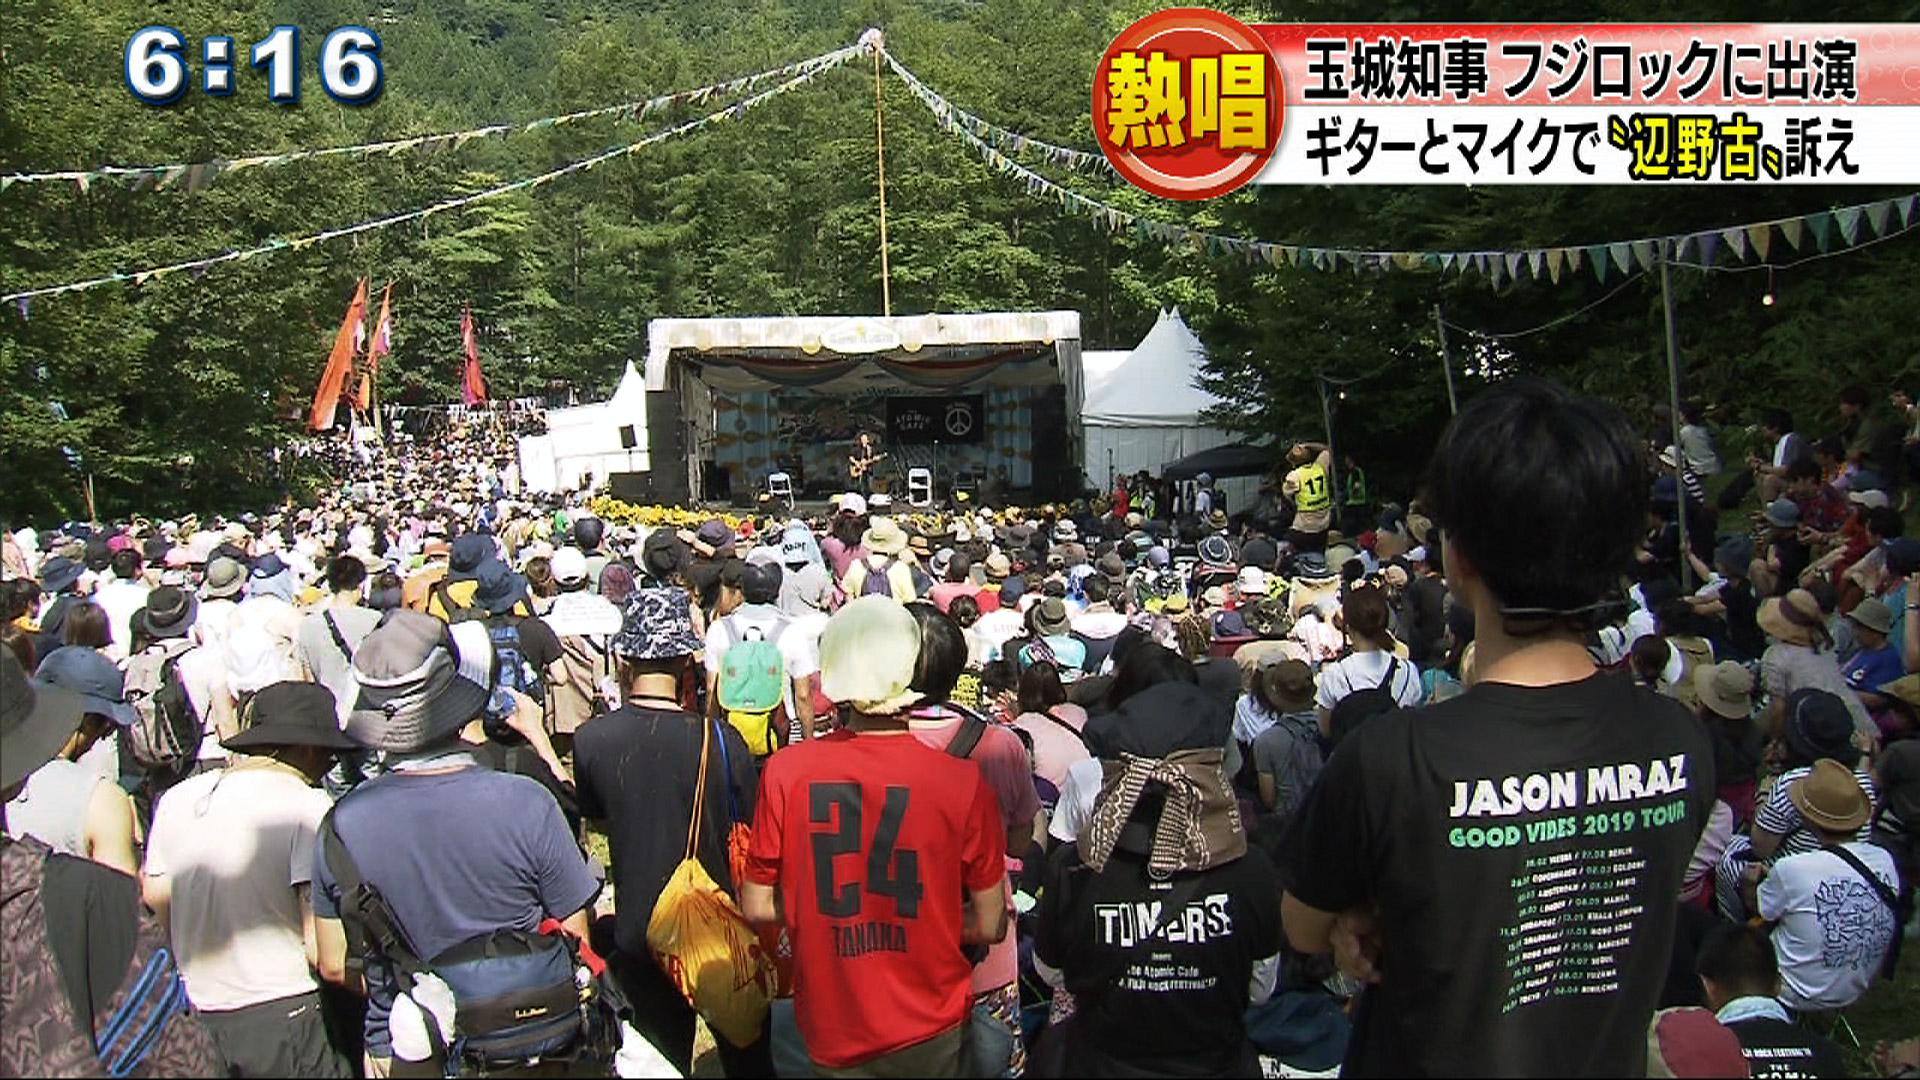 日本最大級の音楽イベント 玉城知事 フジロックで訴え